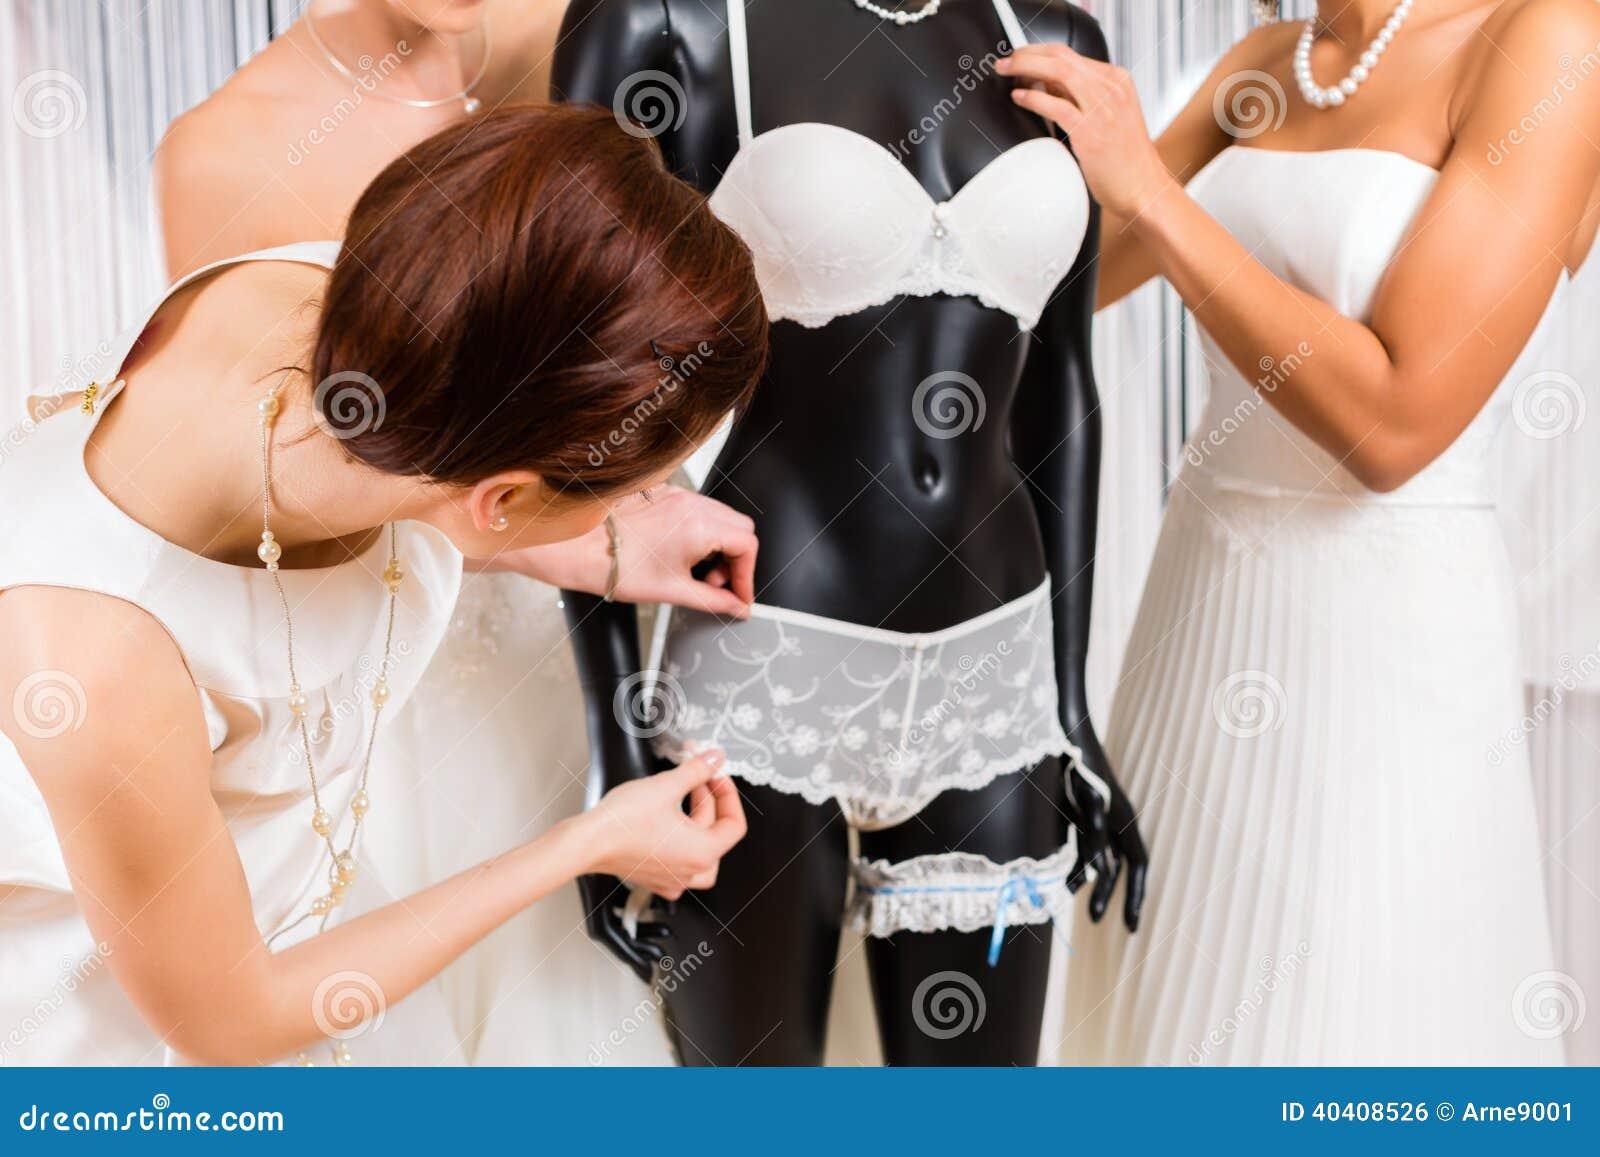 Mujeres que seleccionan la ropa interior nupcial en tienda for Tias buenas en ropa interior